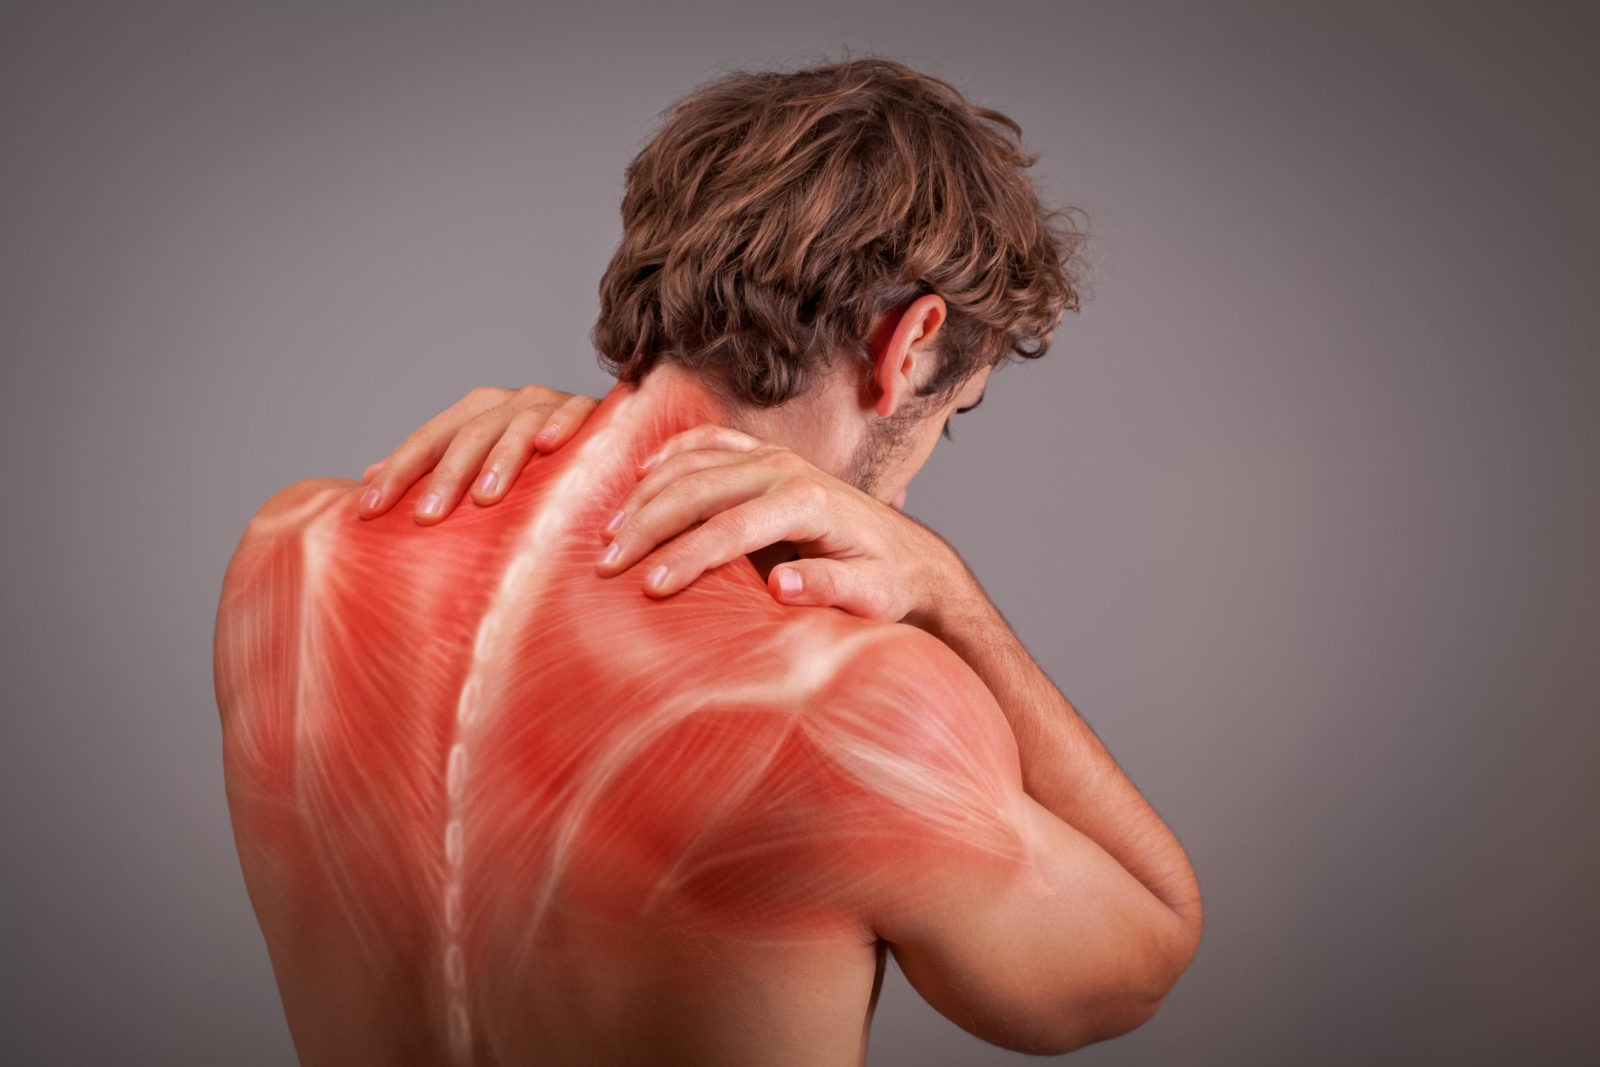 Какое заболевание вызывает мышечные спазмы?